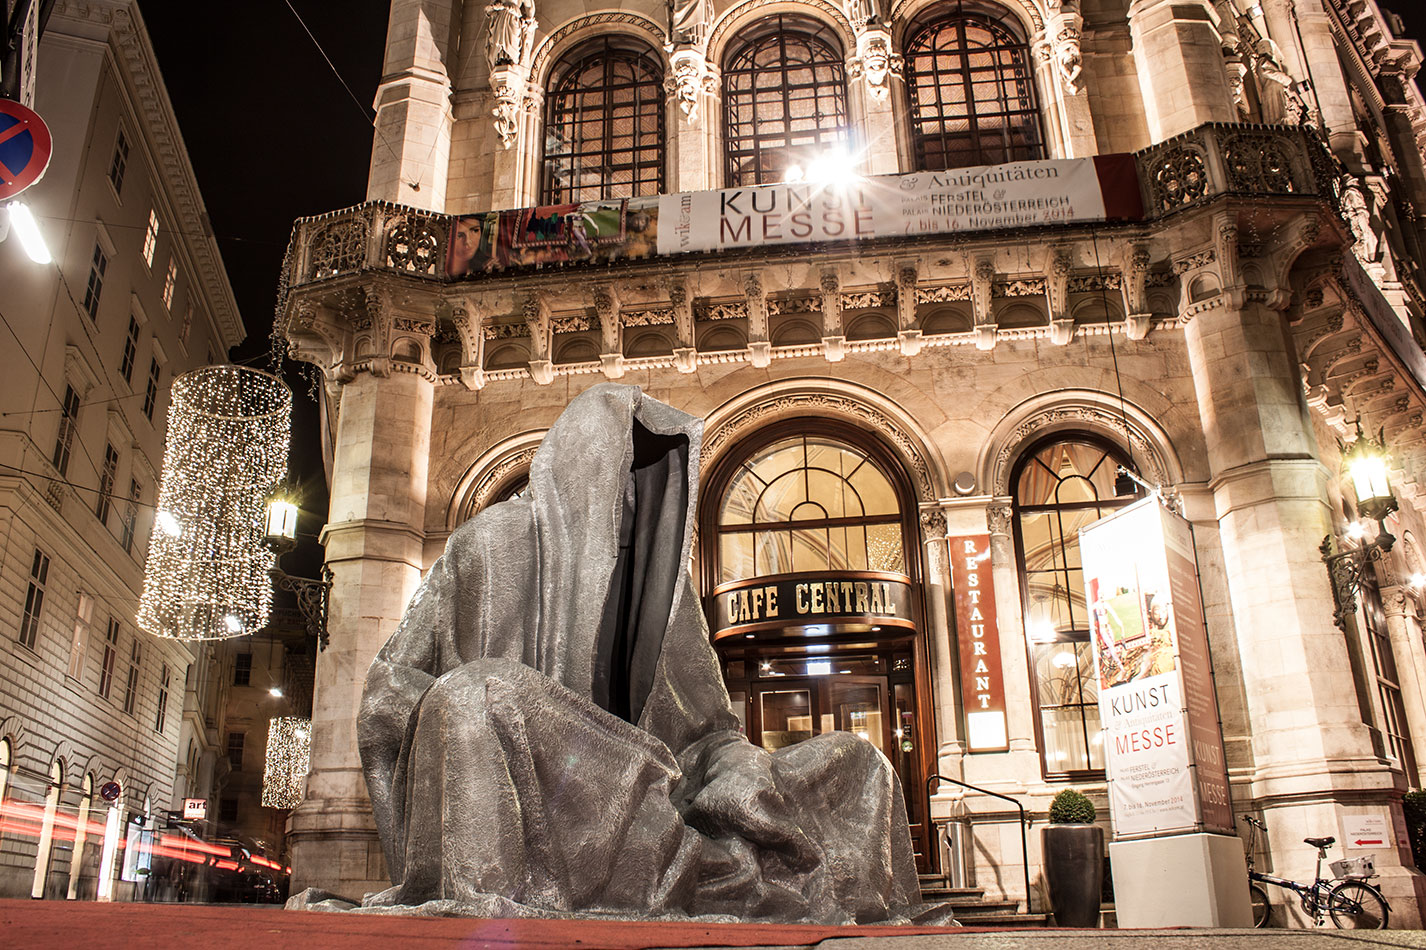 wikam-wiener-internationale-kunst-und-antiquitaetenmesse-art-and-antique-fair-vienna-guardians-of-time-manfred-kili-kielnhofer-contemporary-fine-art-design-4922